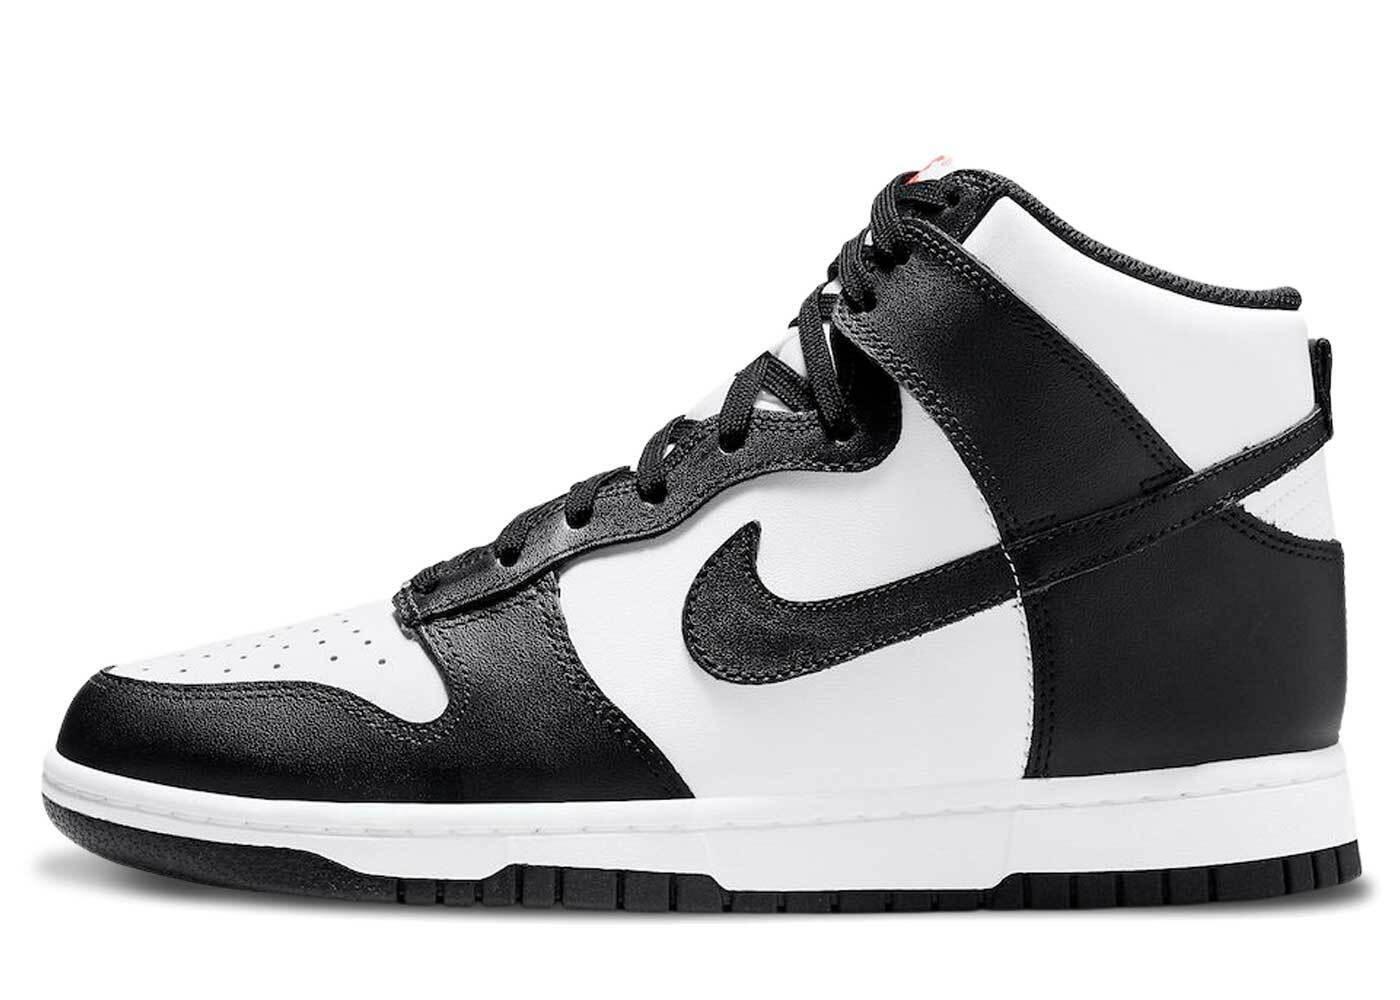 Nike Dunk High Black Whiteの写真